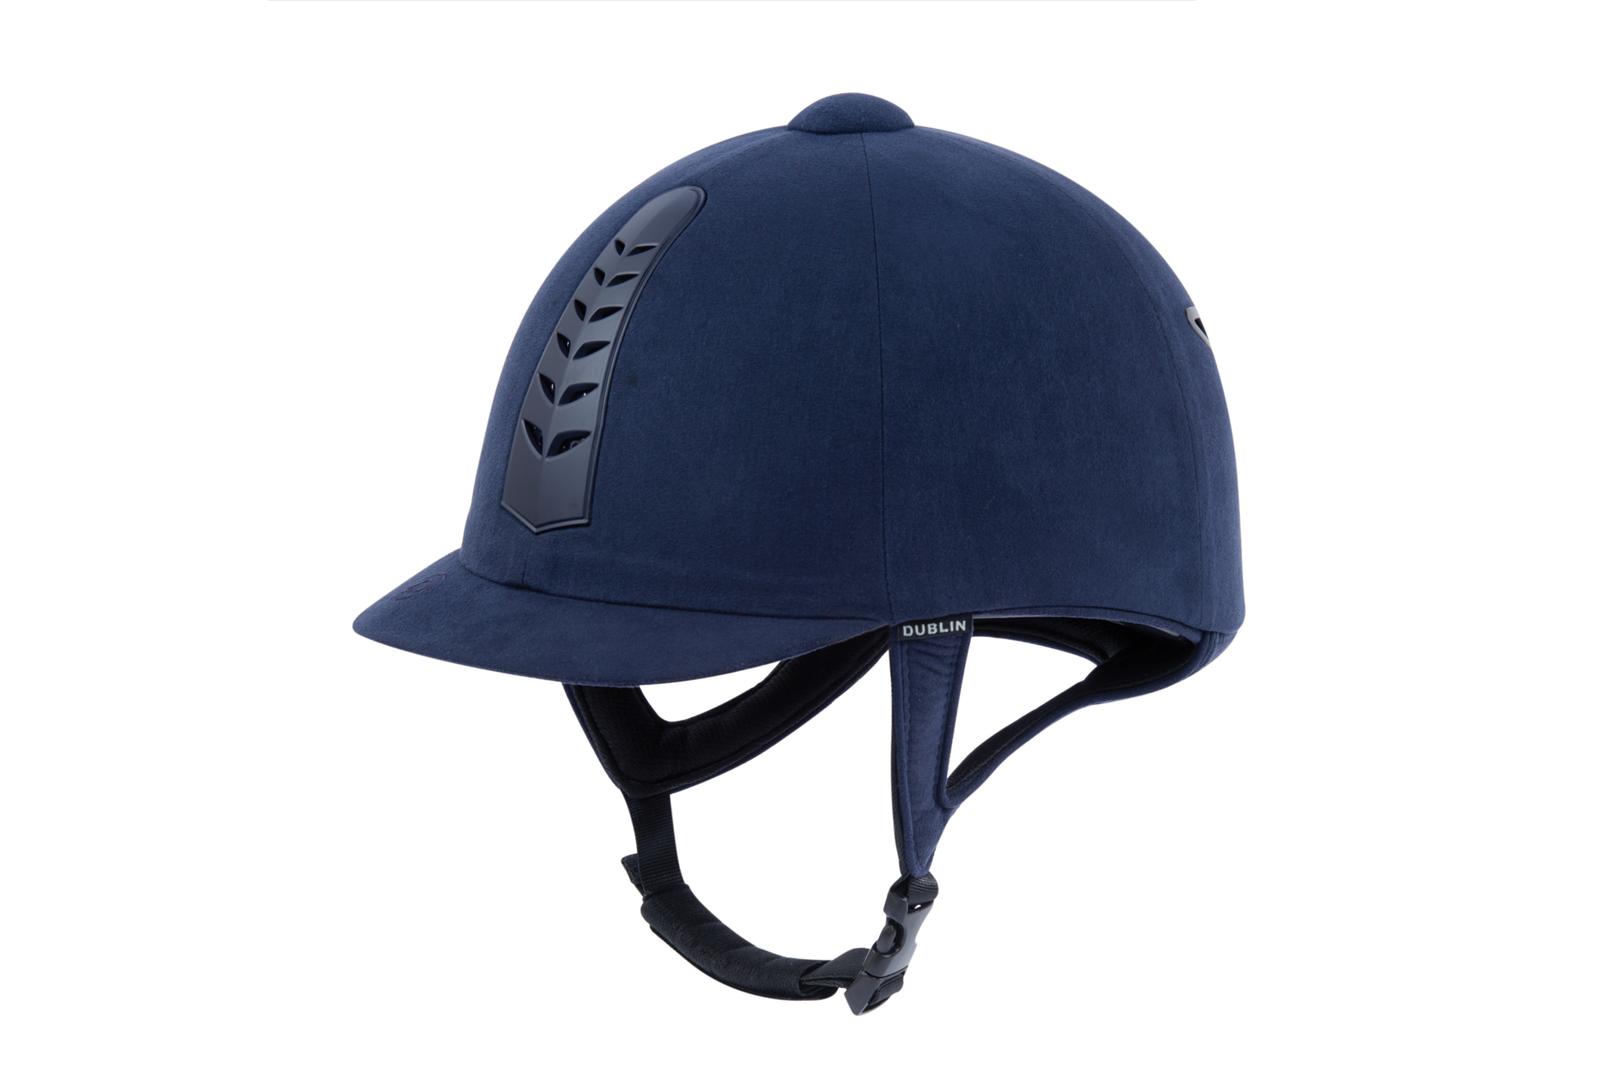 Dublin Plata Pro Equitación Sombrero-Azul Marino